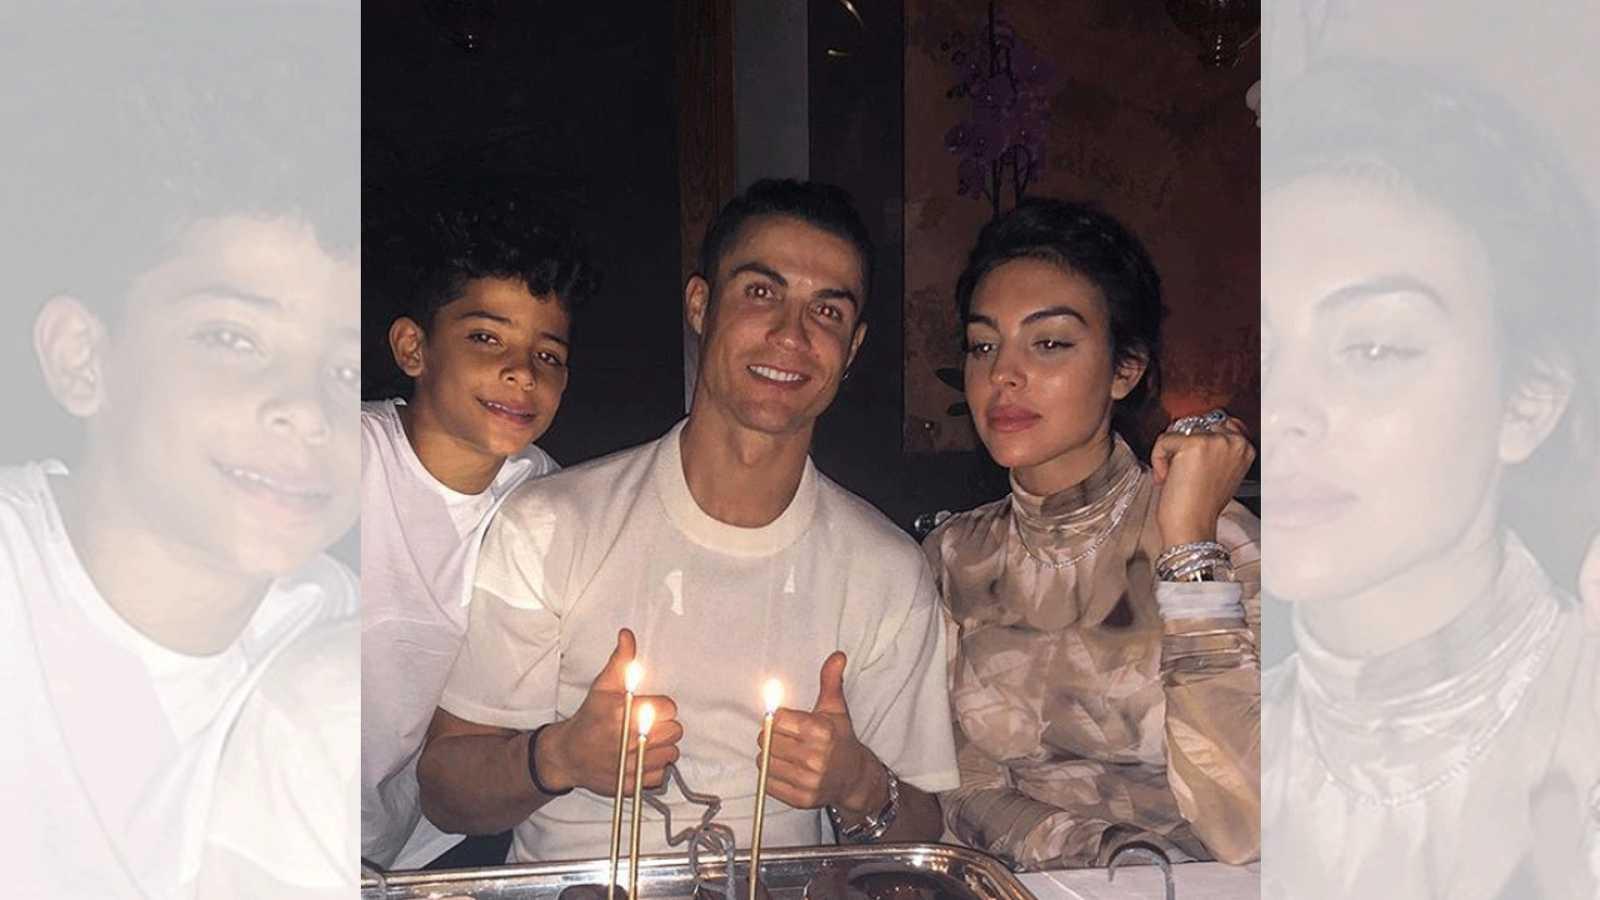 El regalo de cumpleaños de Georgina Rodríguez a Cristiano Ronaldo